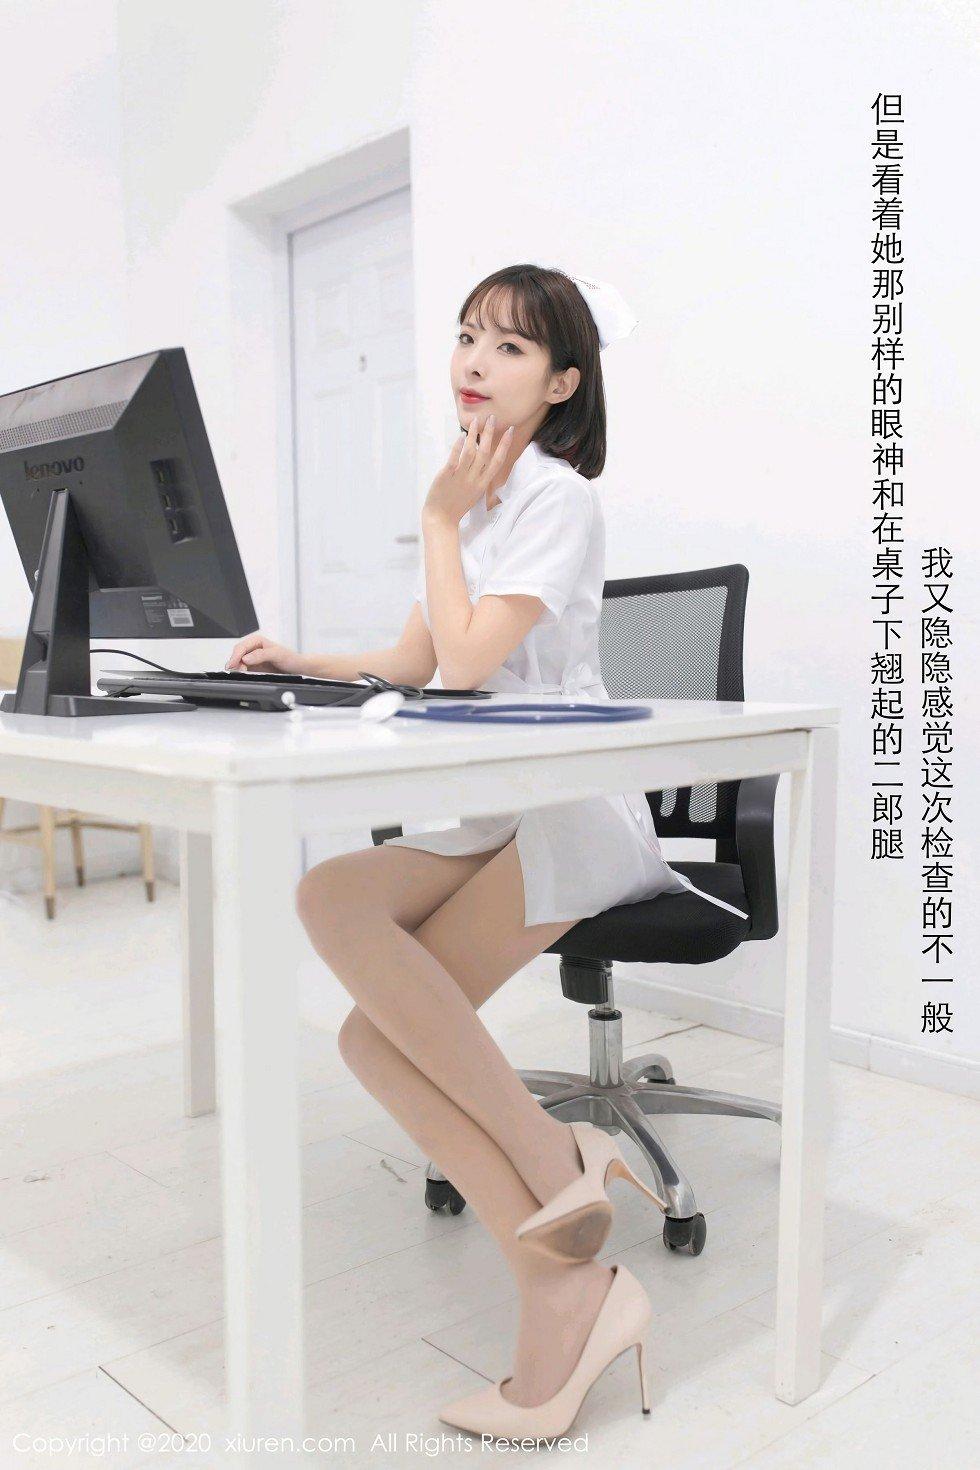 陈小喵(Vol. 2698) 性感mm-第4张